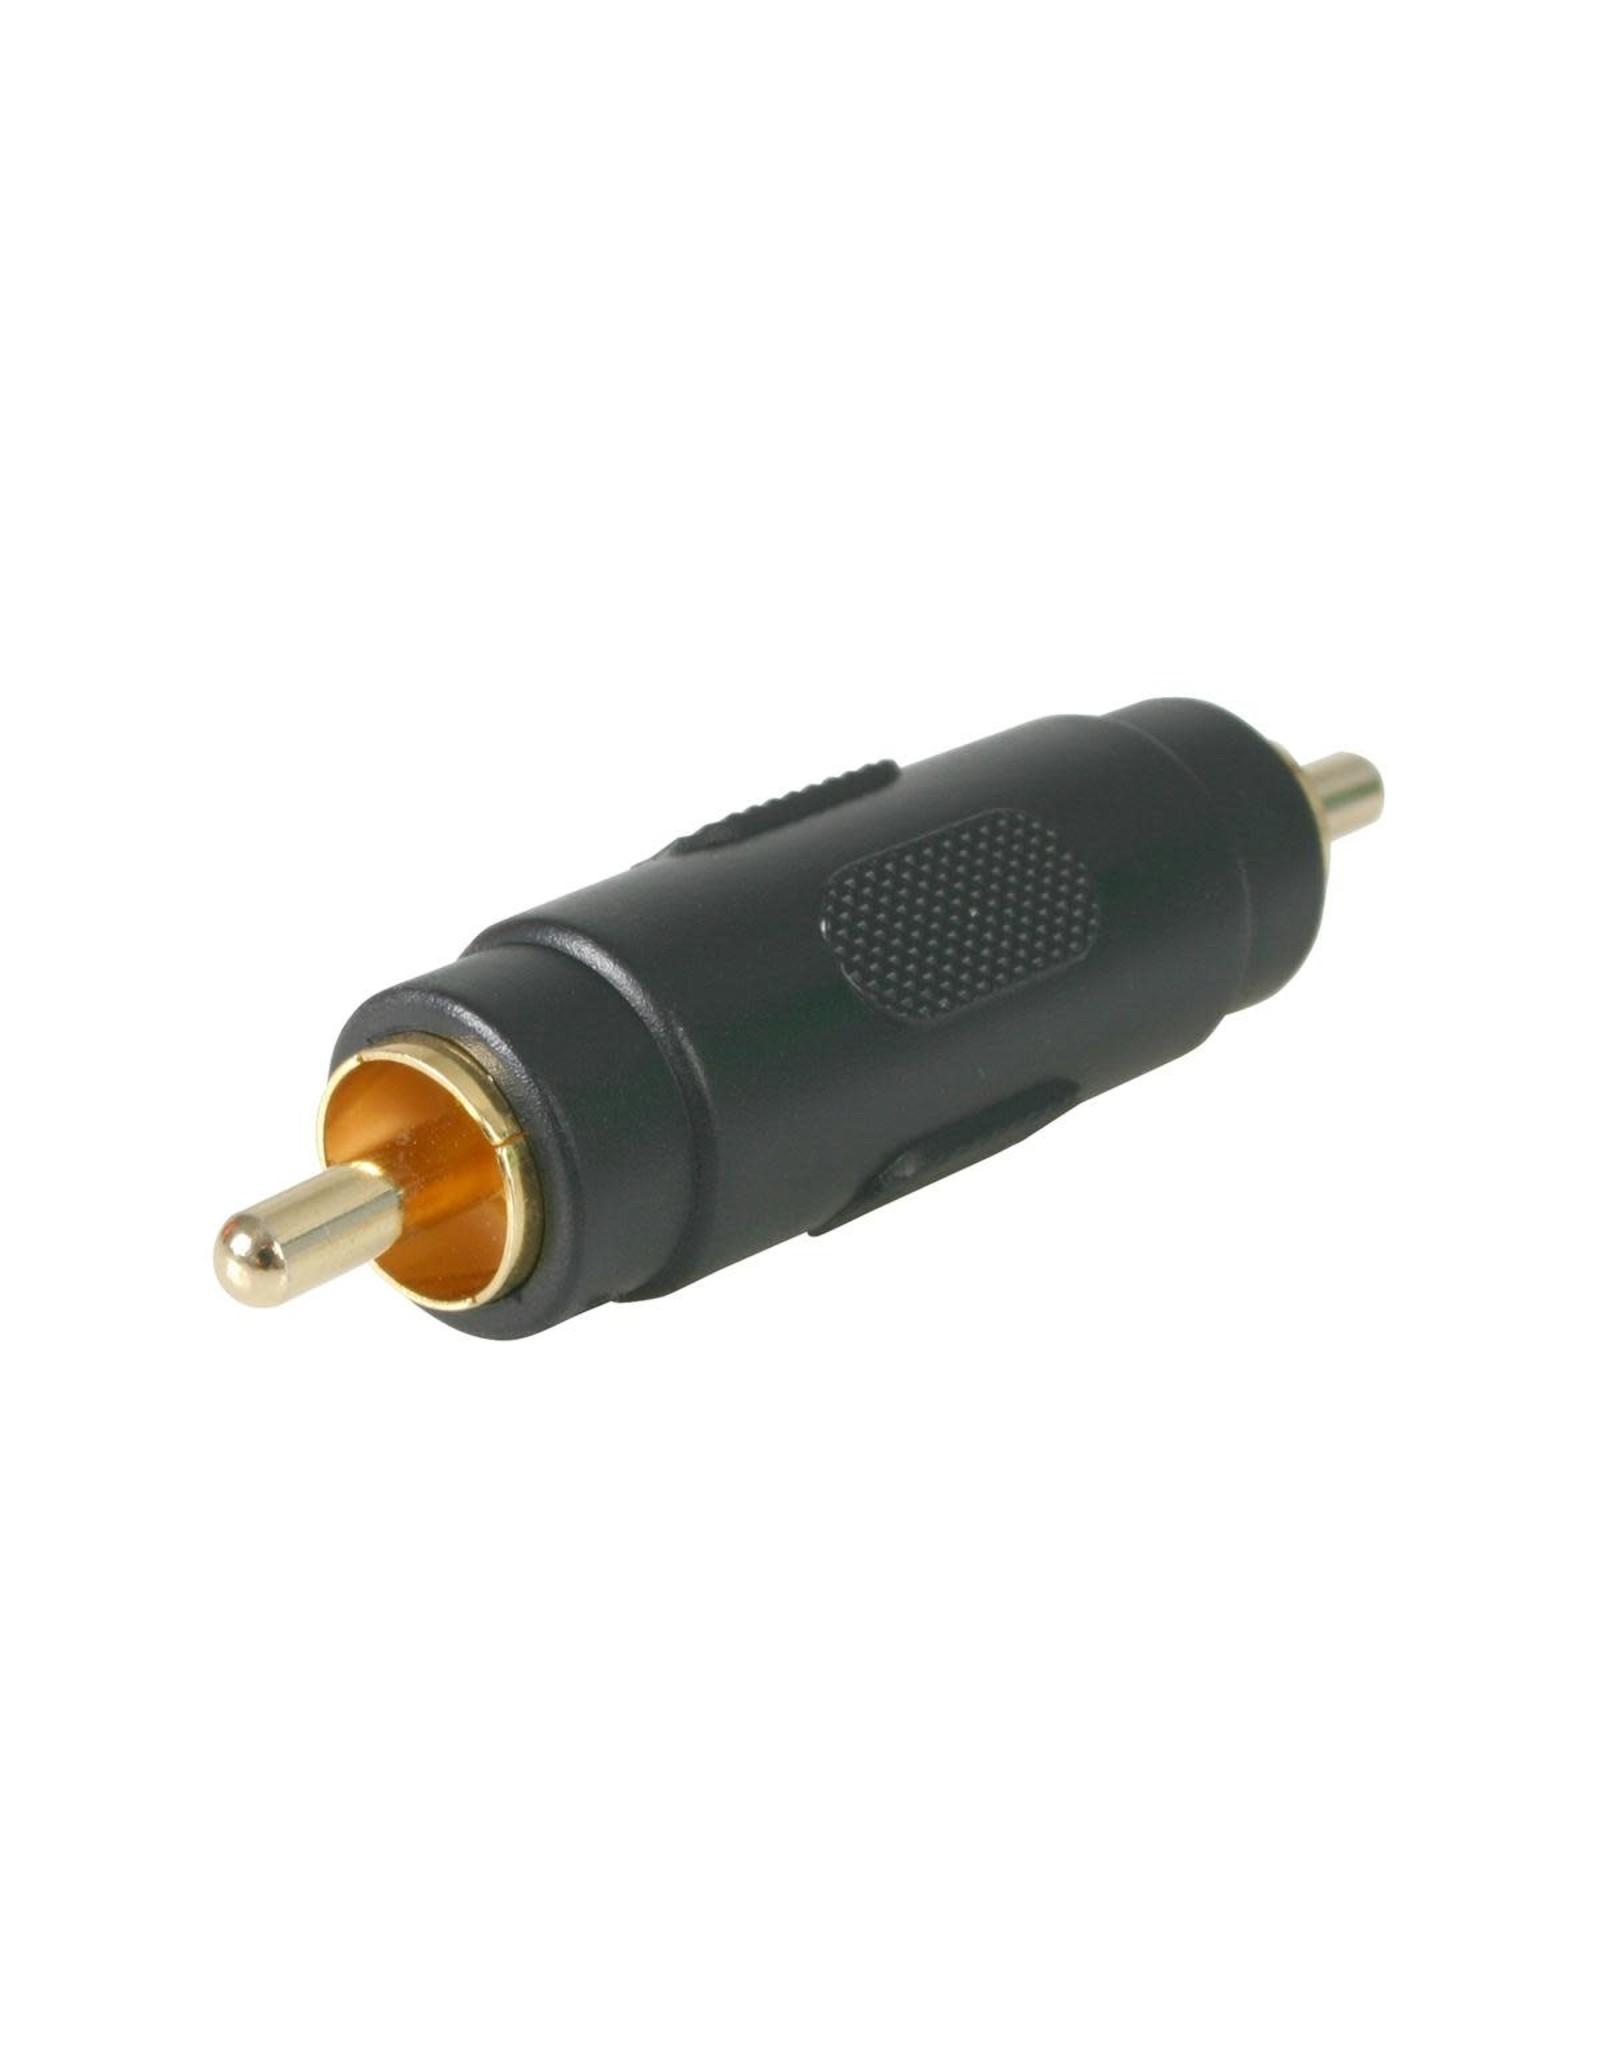 Startech Adapter - Startech RCA Gender Changer - M/M